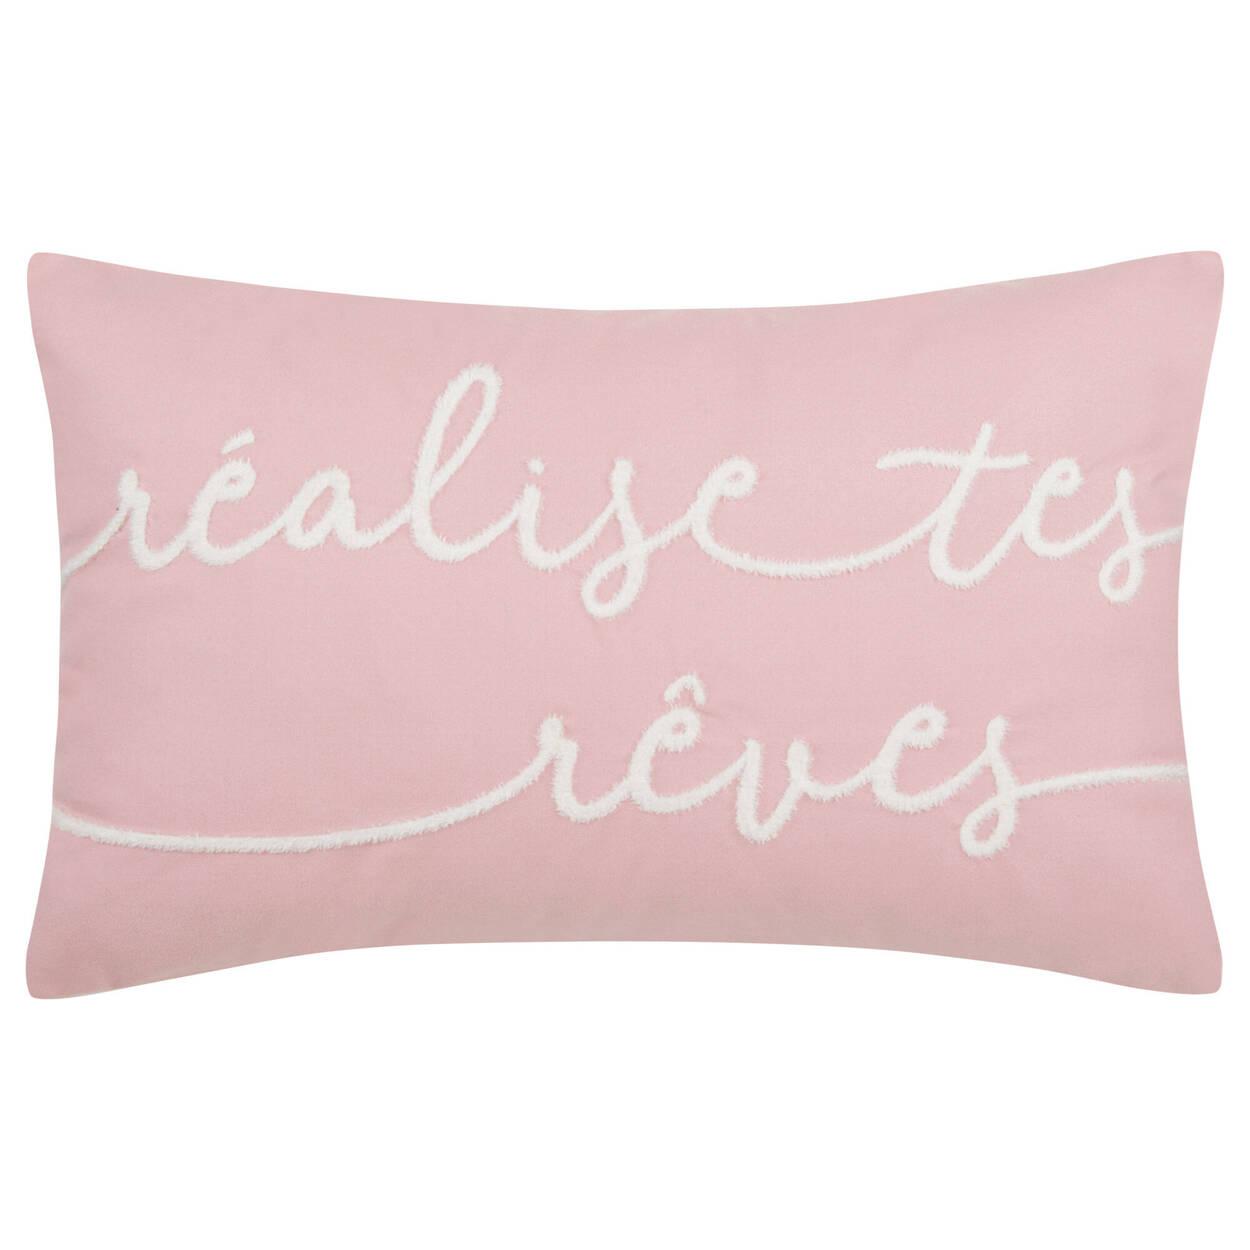 """""""Réalise tes rêves"""" Decorative Lumbar Pillow 13""""x 20"""""""